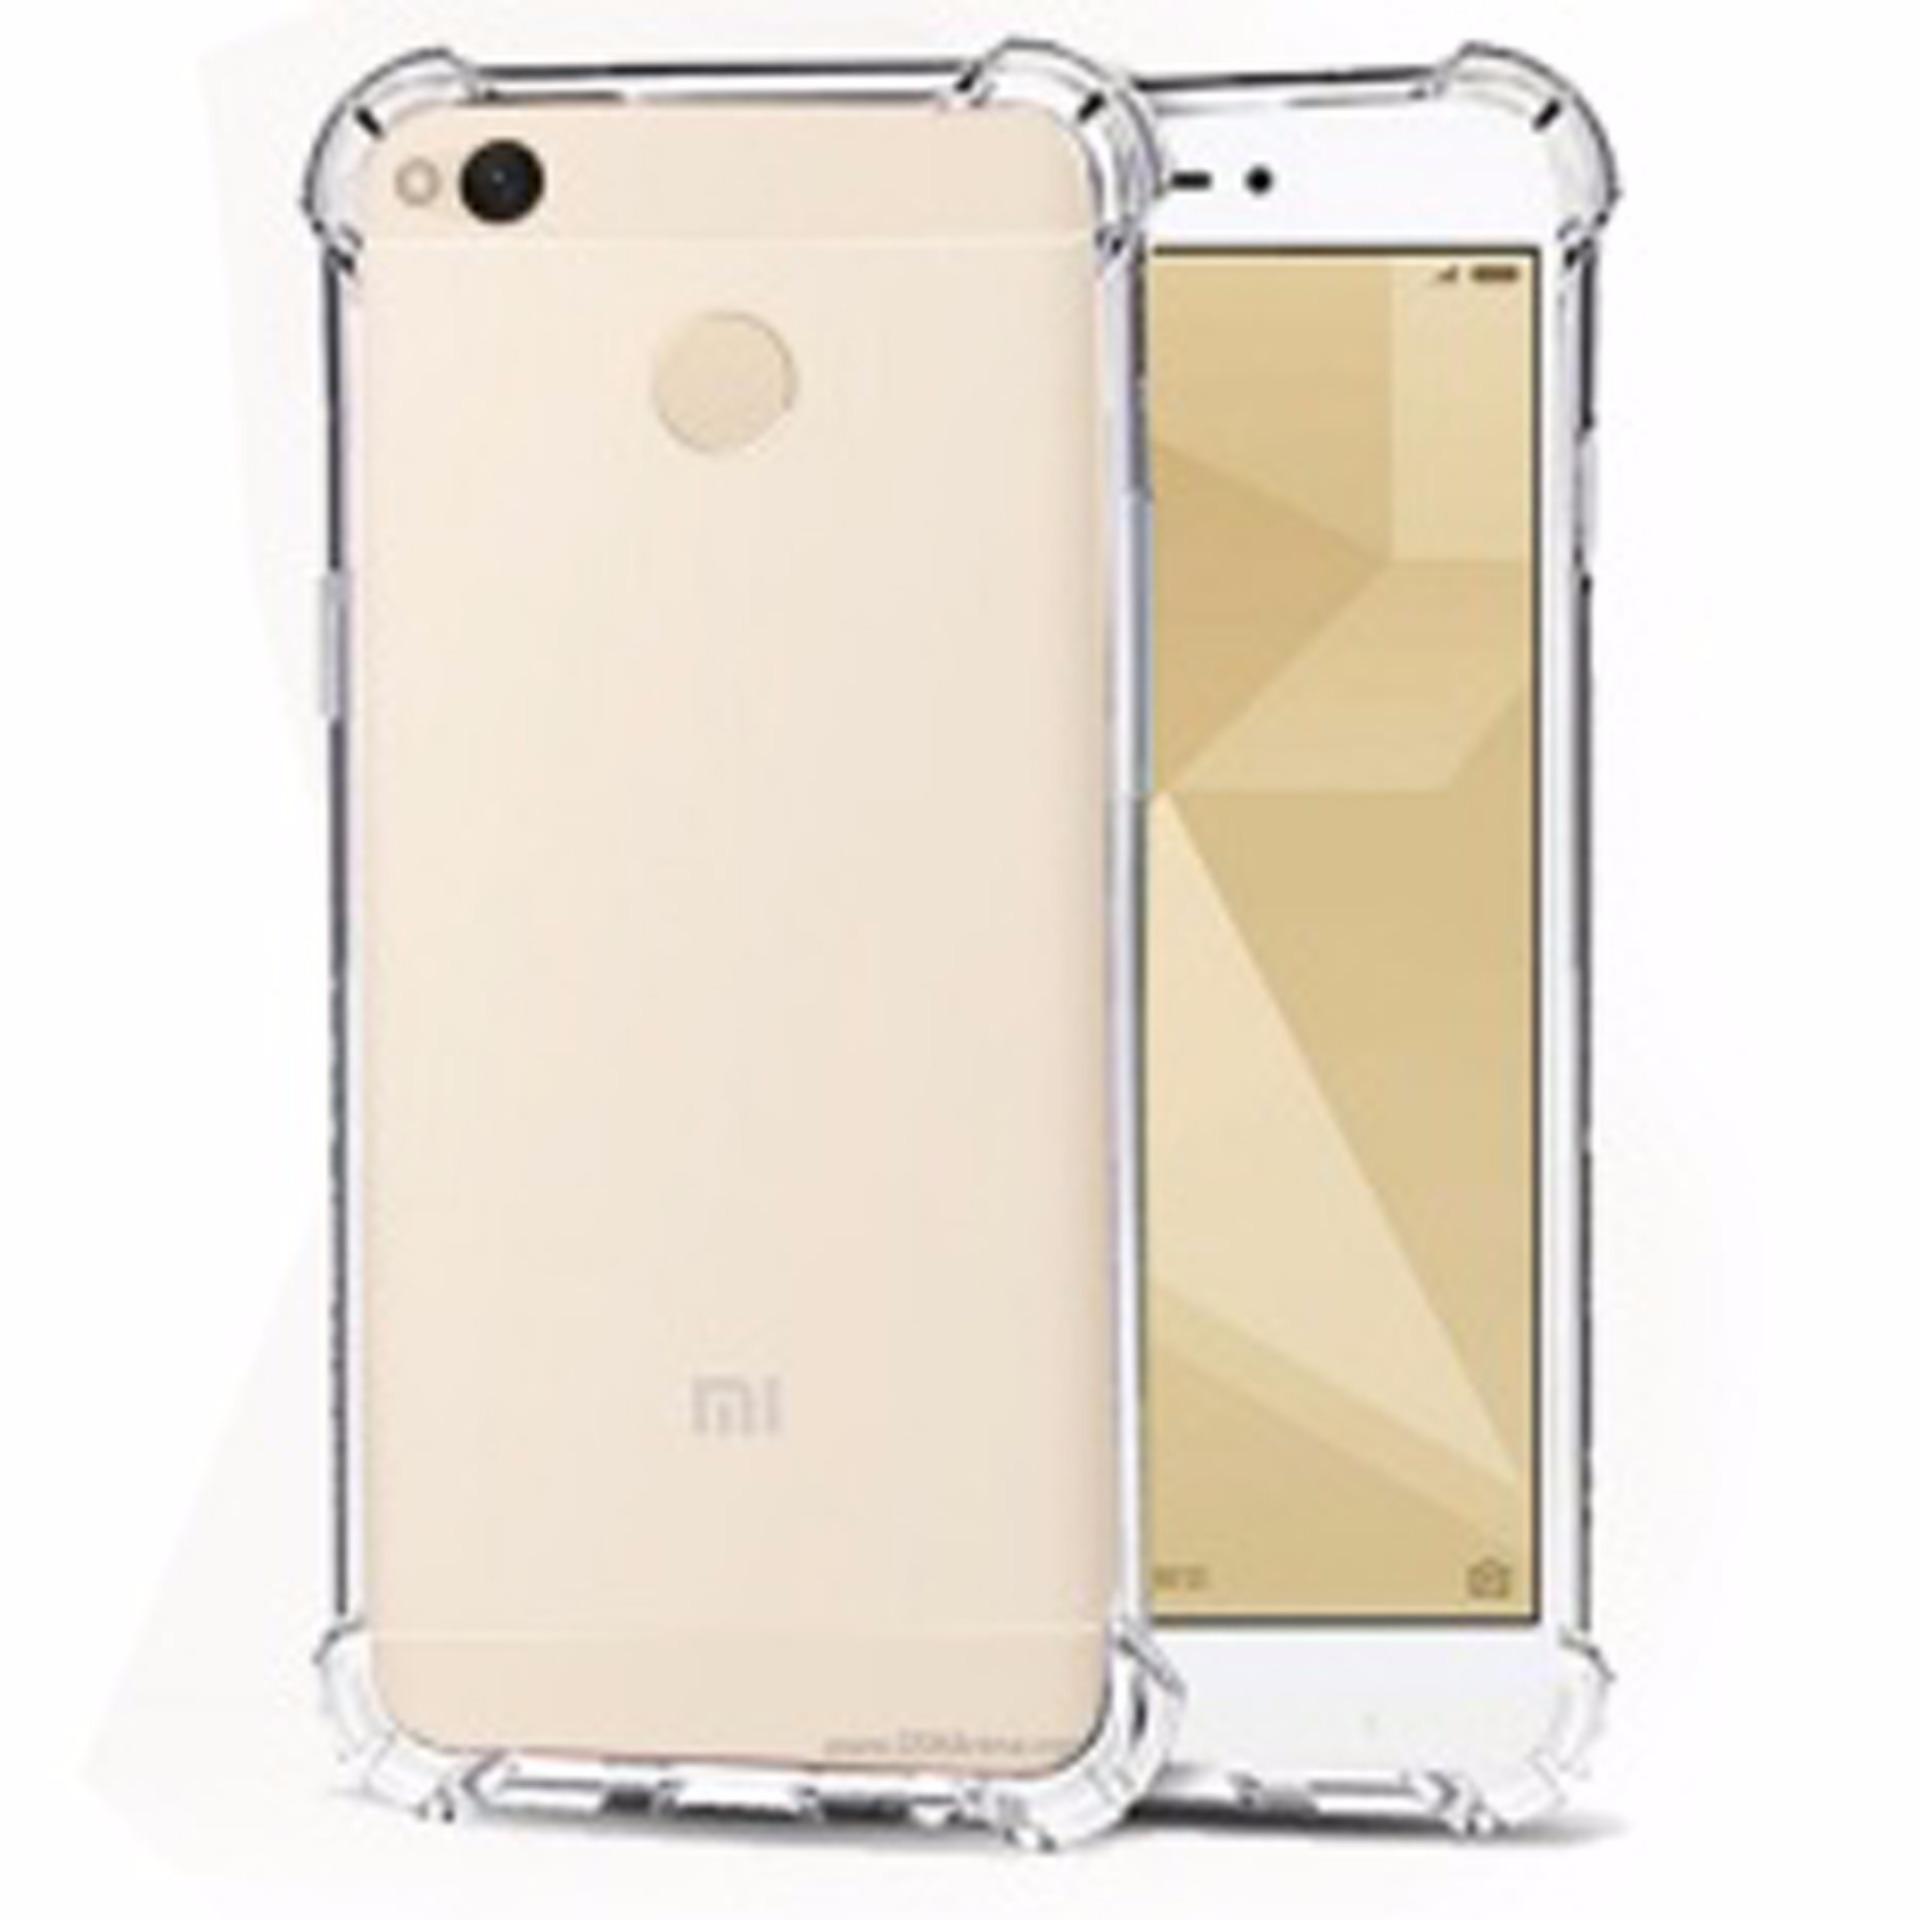 Case Anti Shock Anti Crack Softcase Casing for Xiaomi Redmi 4x - Clear